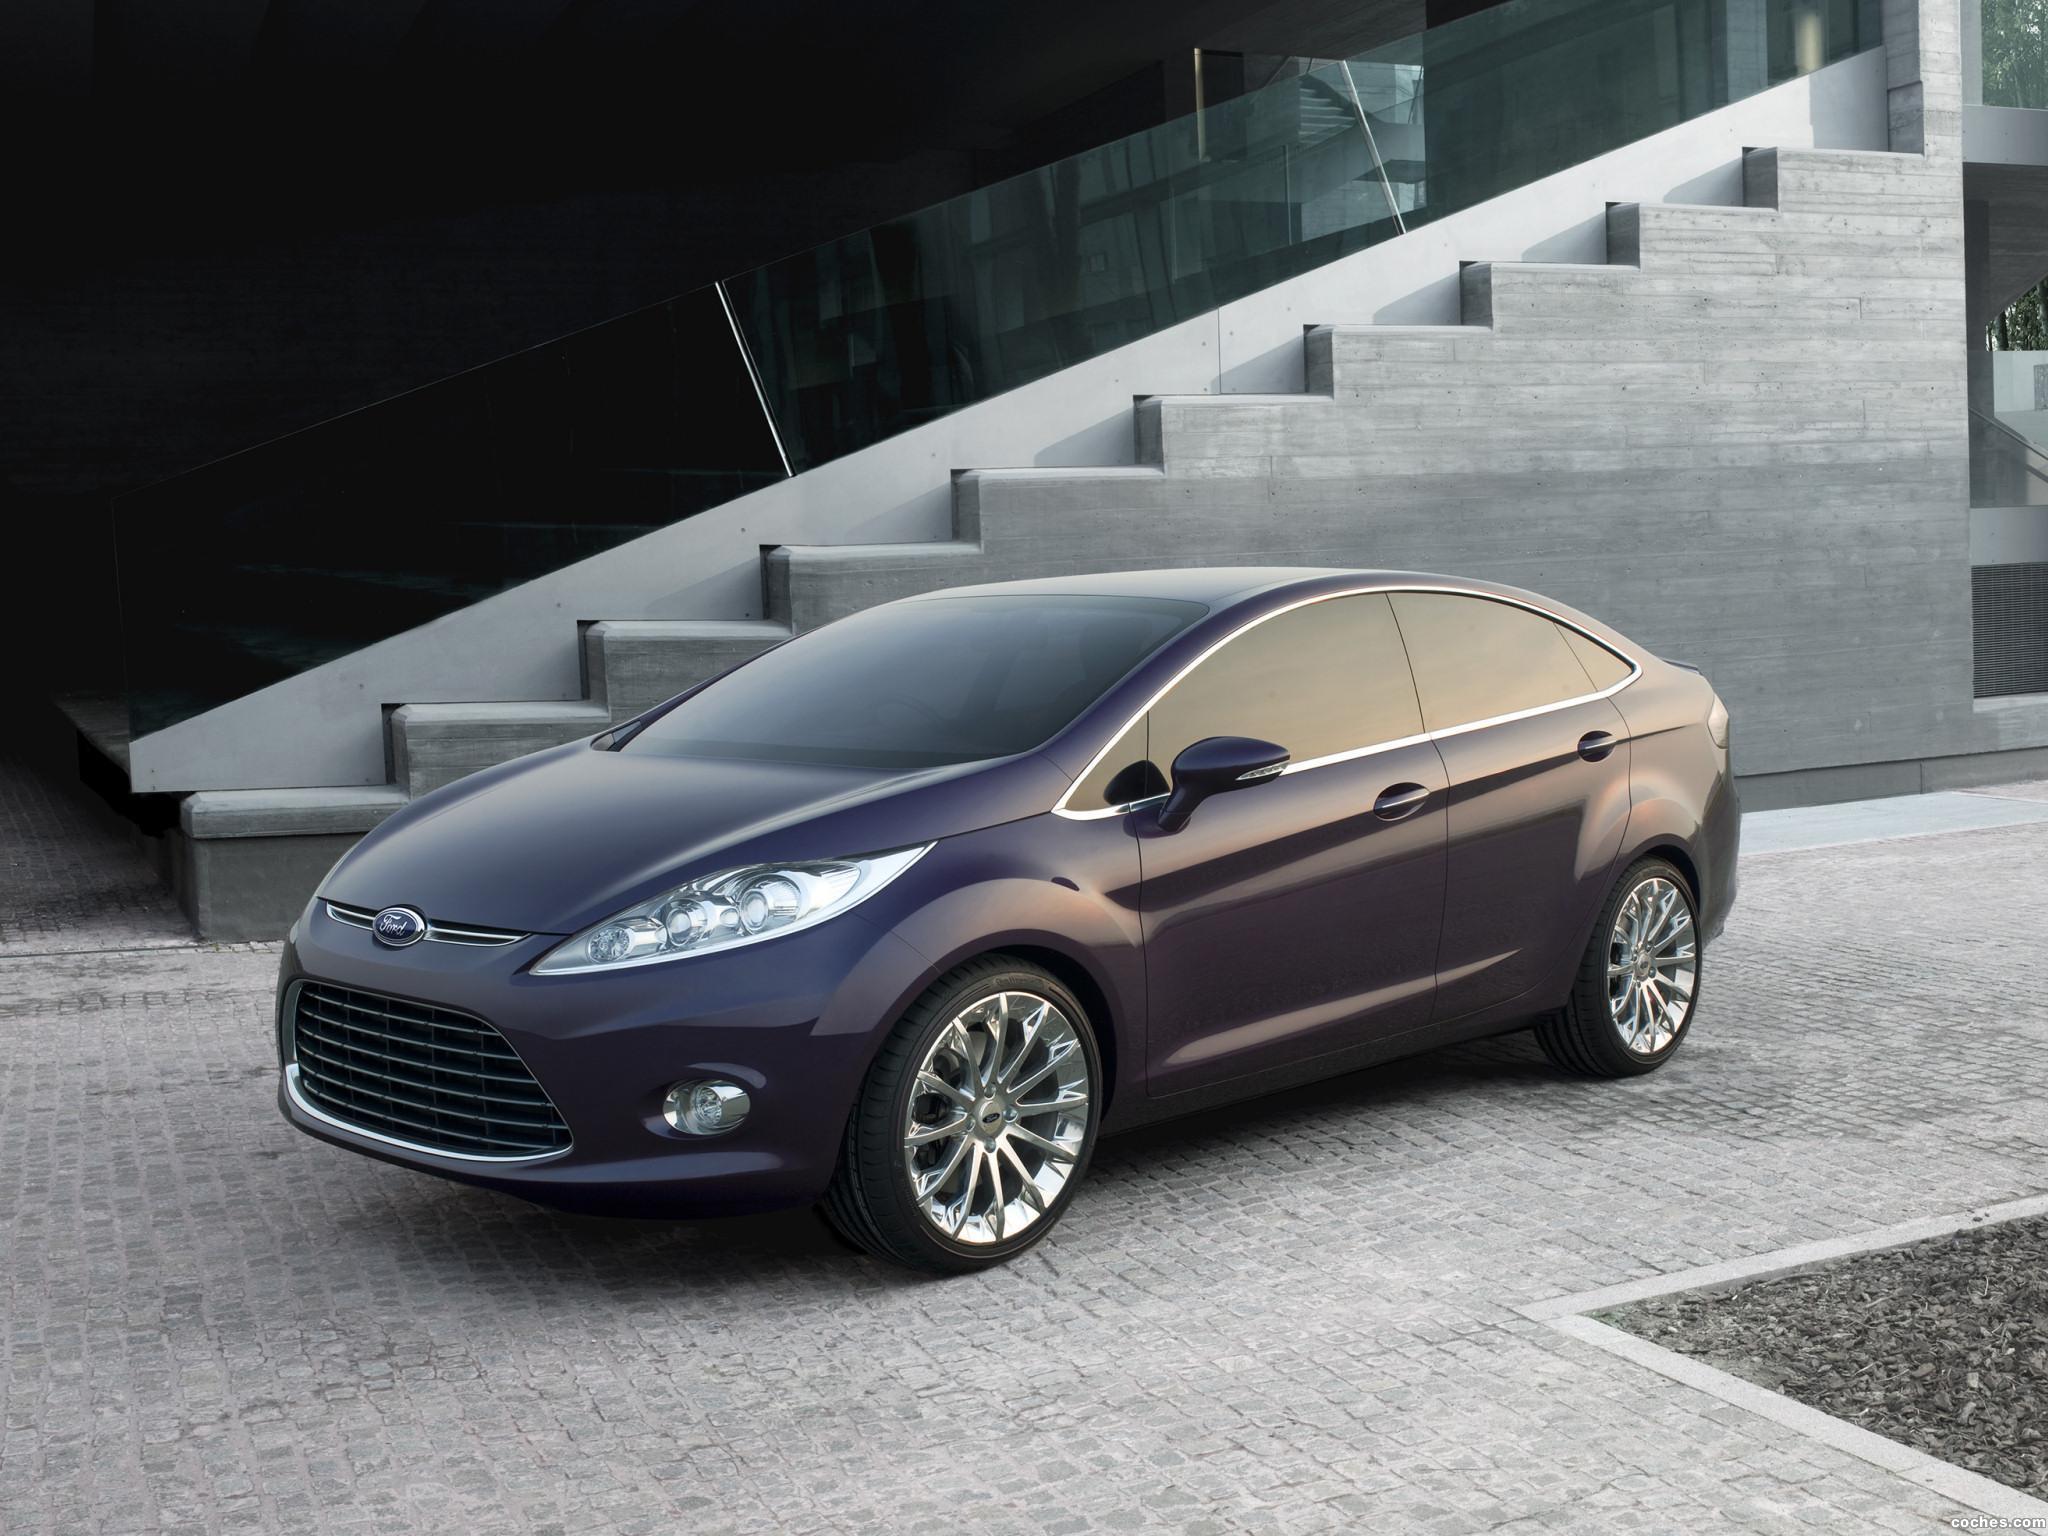 Foto 0 de Ford Sedan Concept Guangzhou 2007